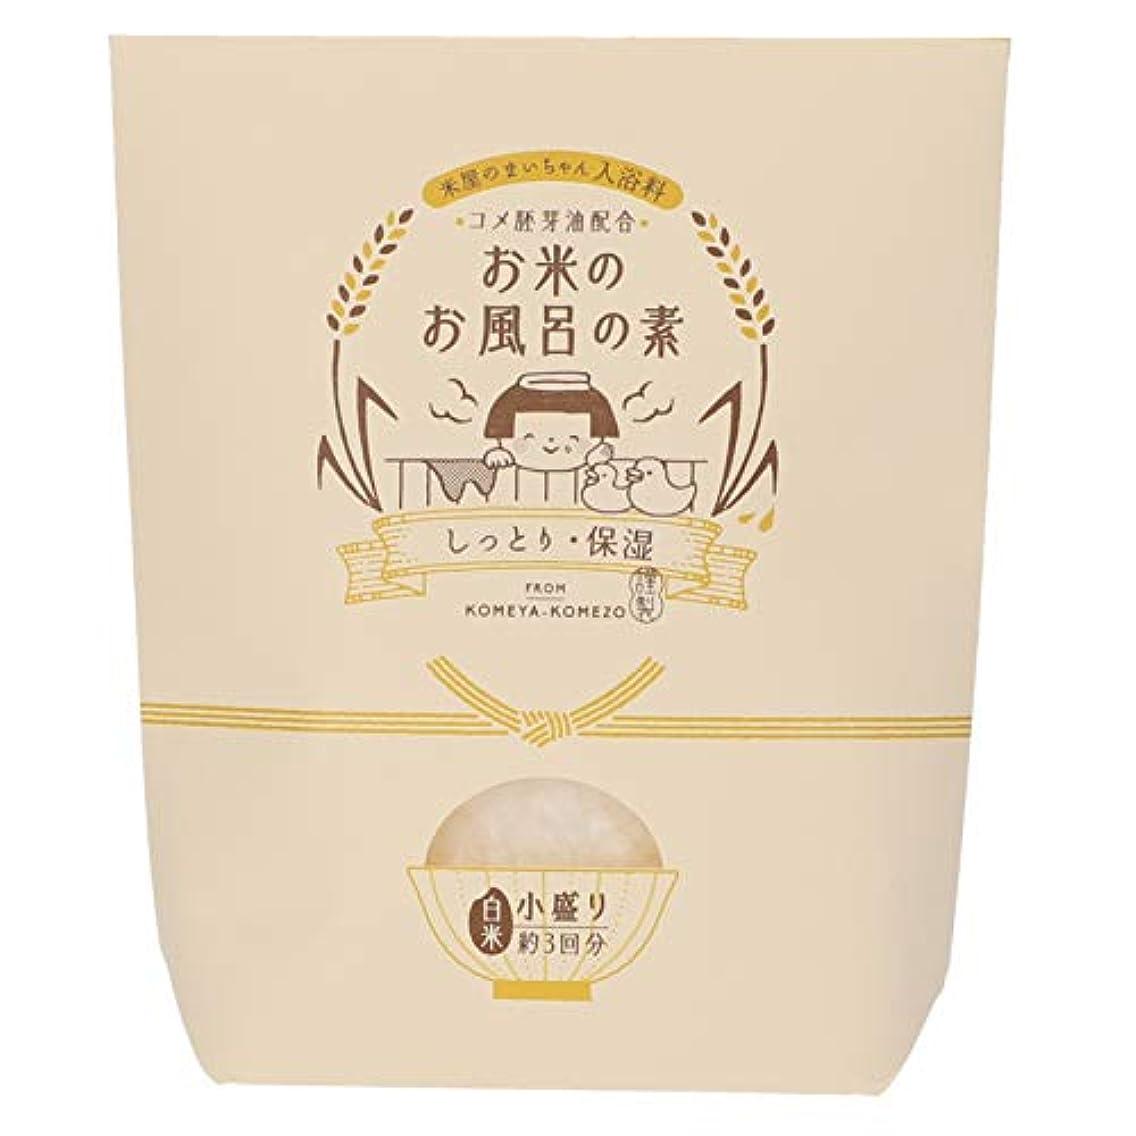 合図挑発するペルメル米屋のまいちゃん家の逸品 お米のお風呂の素 小盛り(保湿) 入浴剤 113mm×34mm×133mm